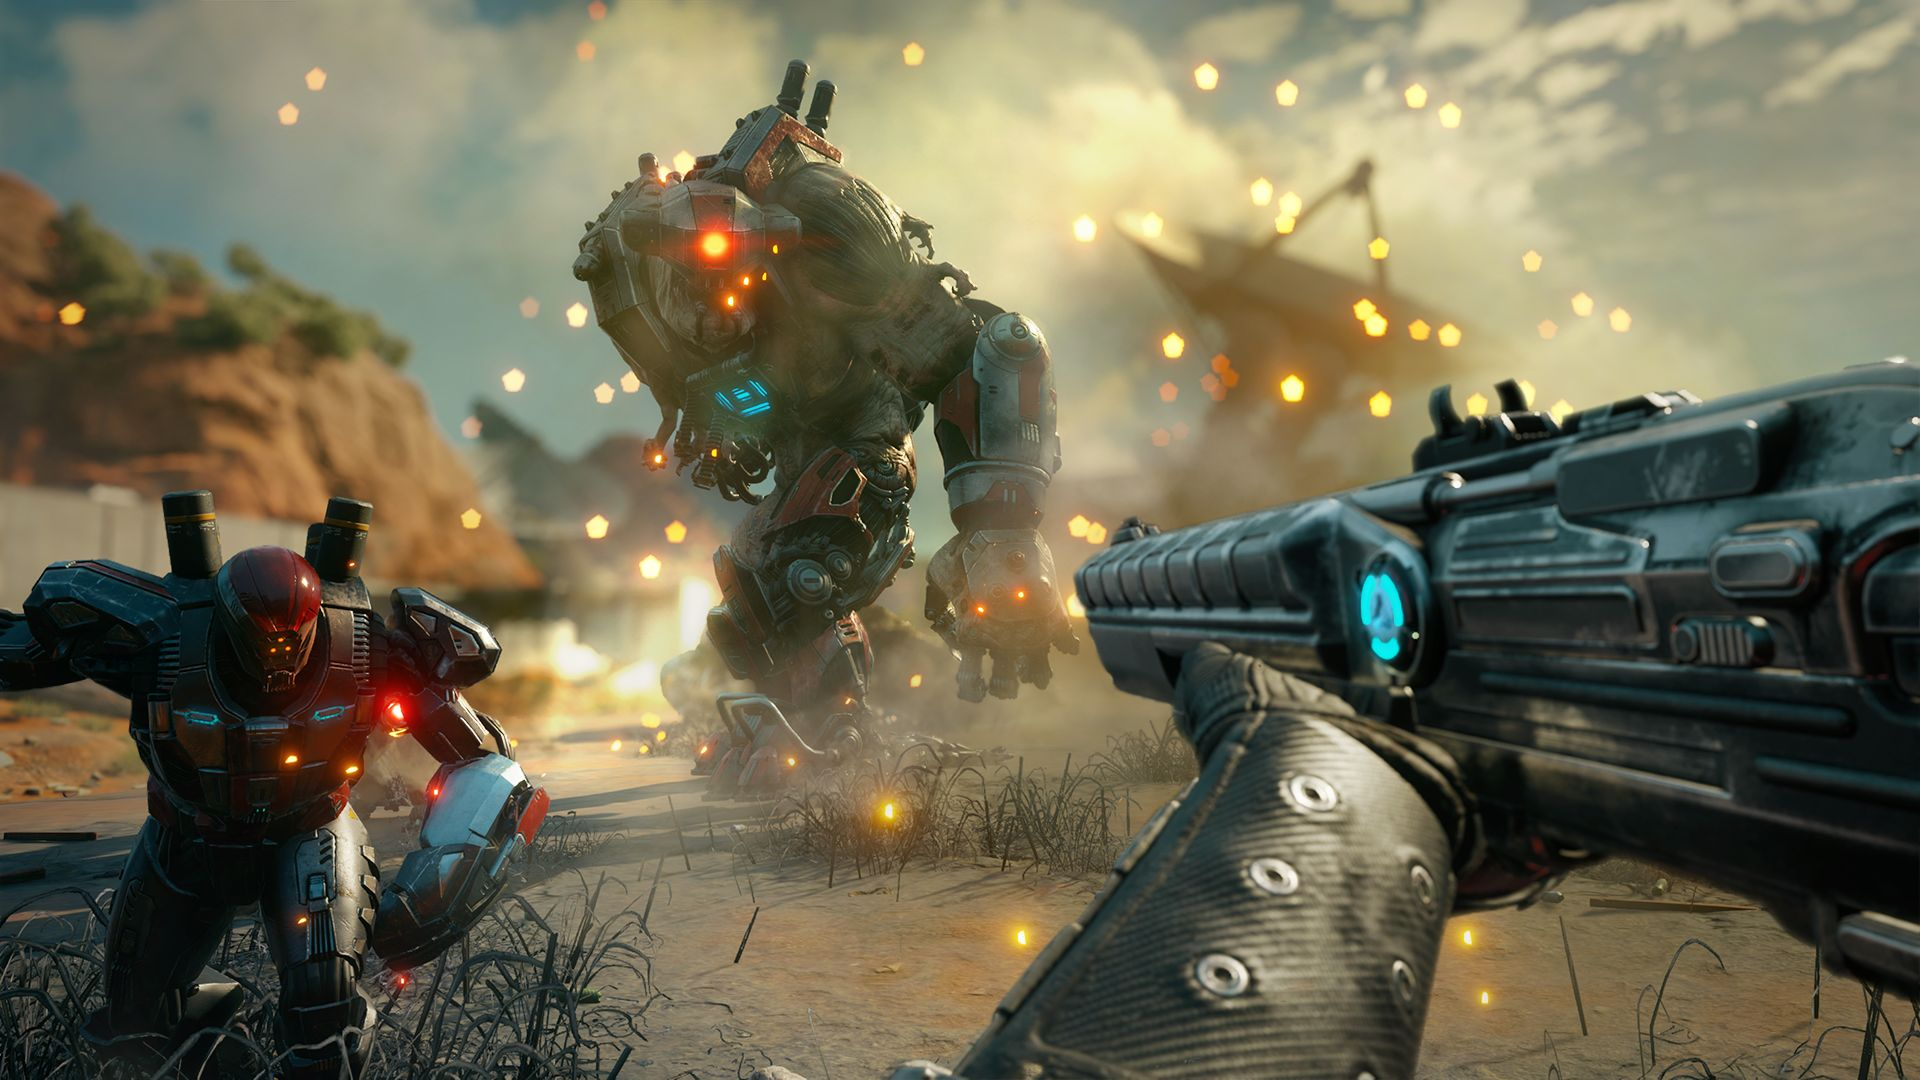 Предложение, от которого нельзя отказаться: Epic Games Store дарит шутер Rage 2 для ПК